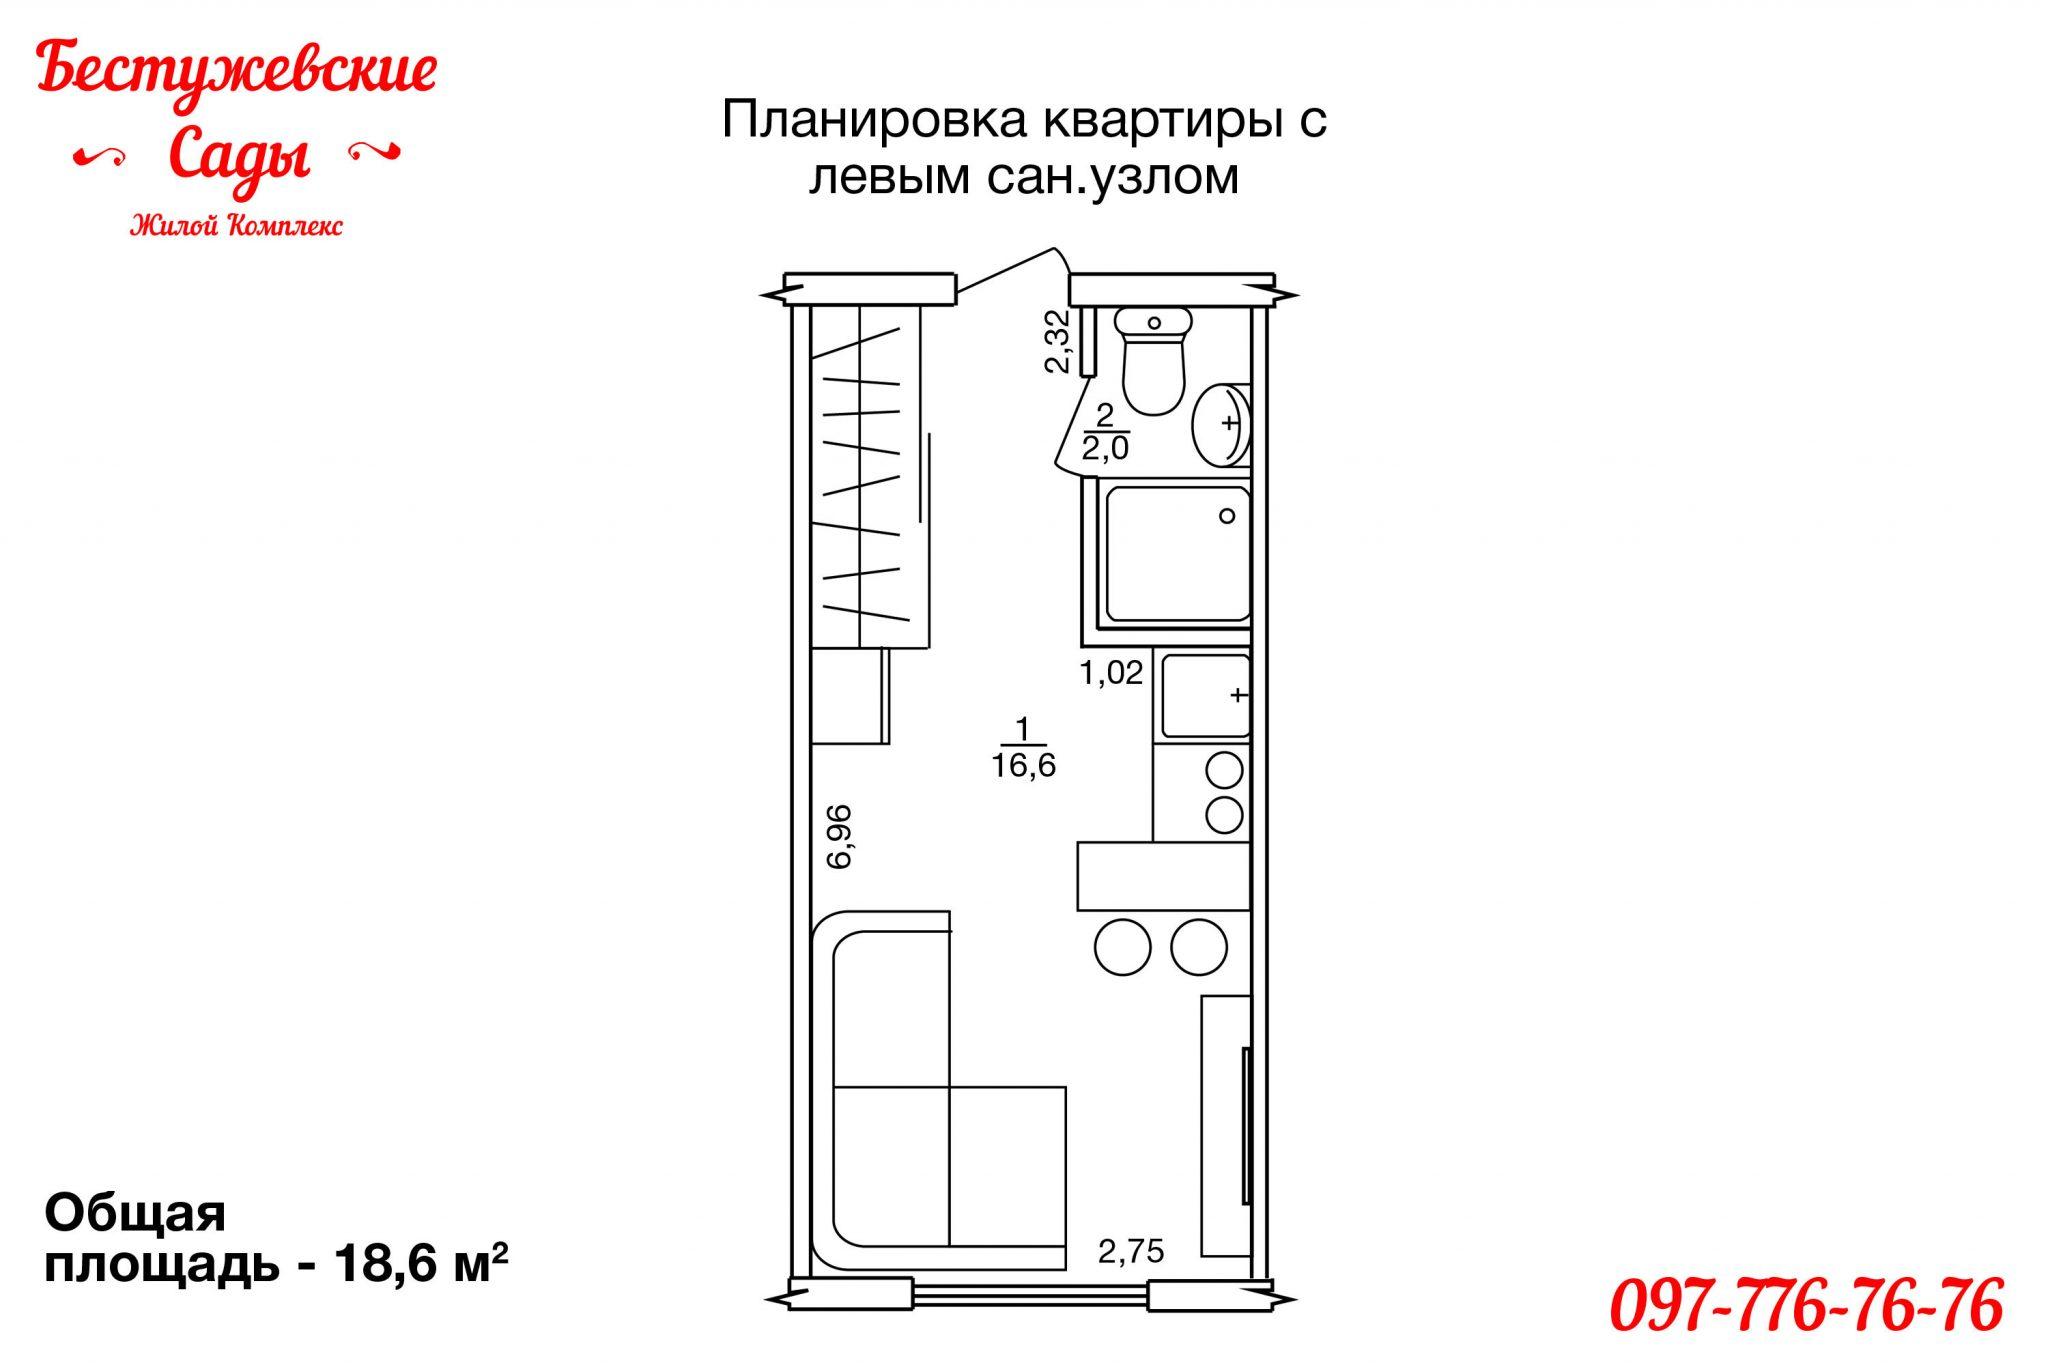 Планировка квартиры 18 кв м